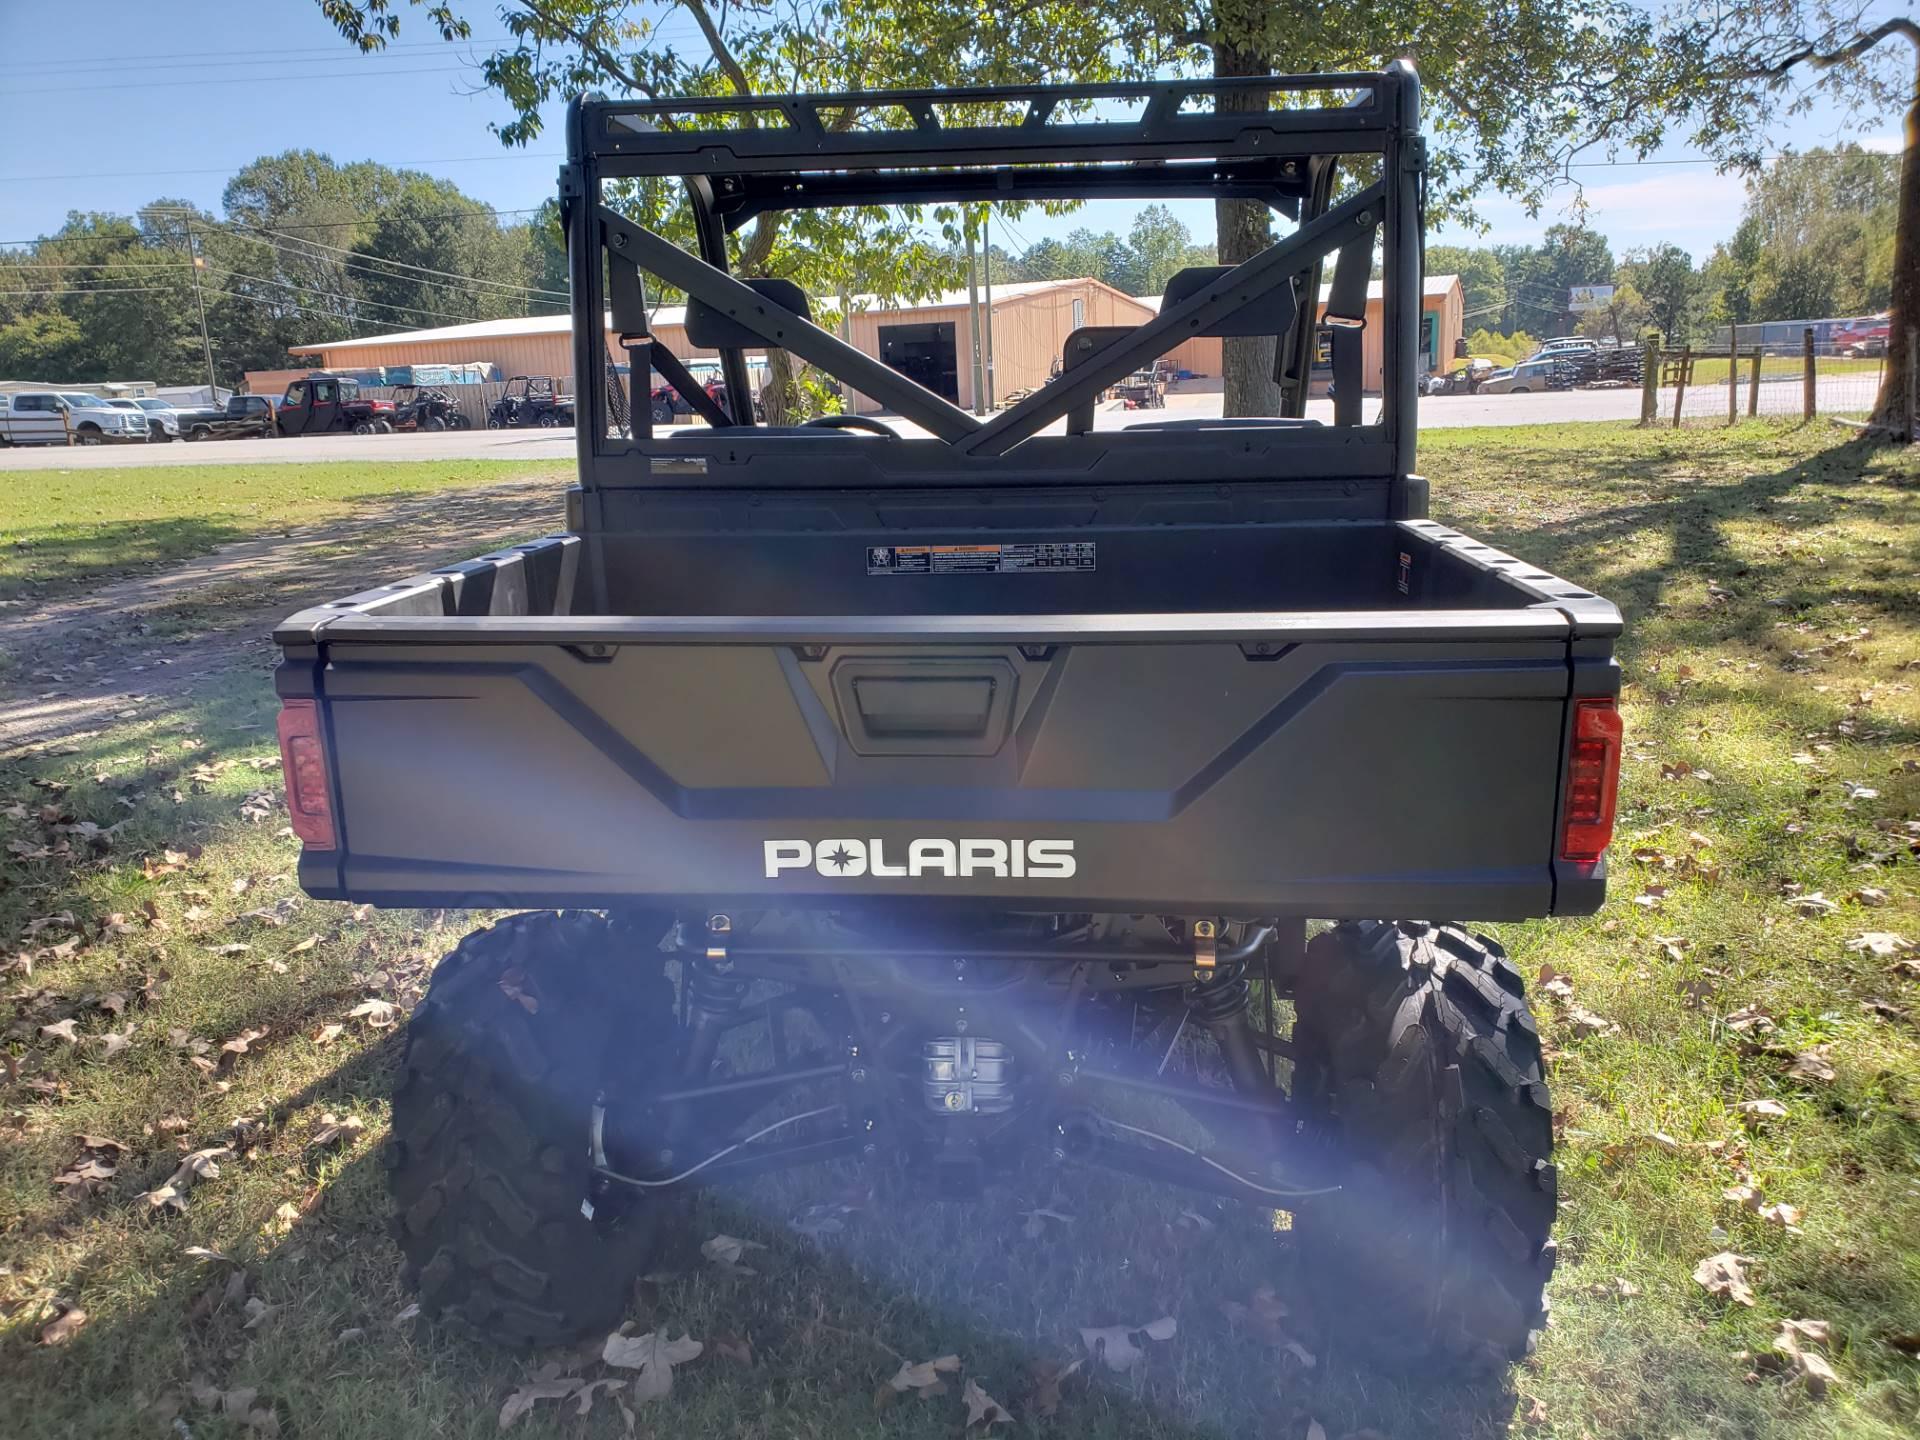 2019 Polaris Ranger XP 900 EPS 8